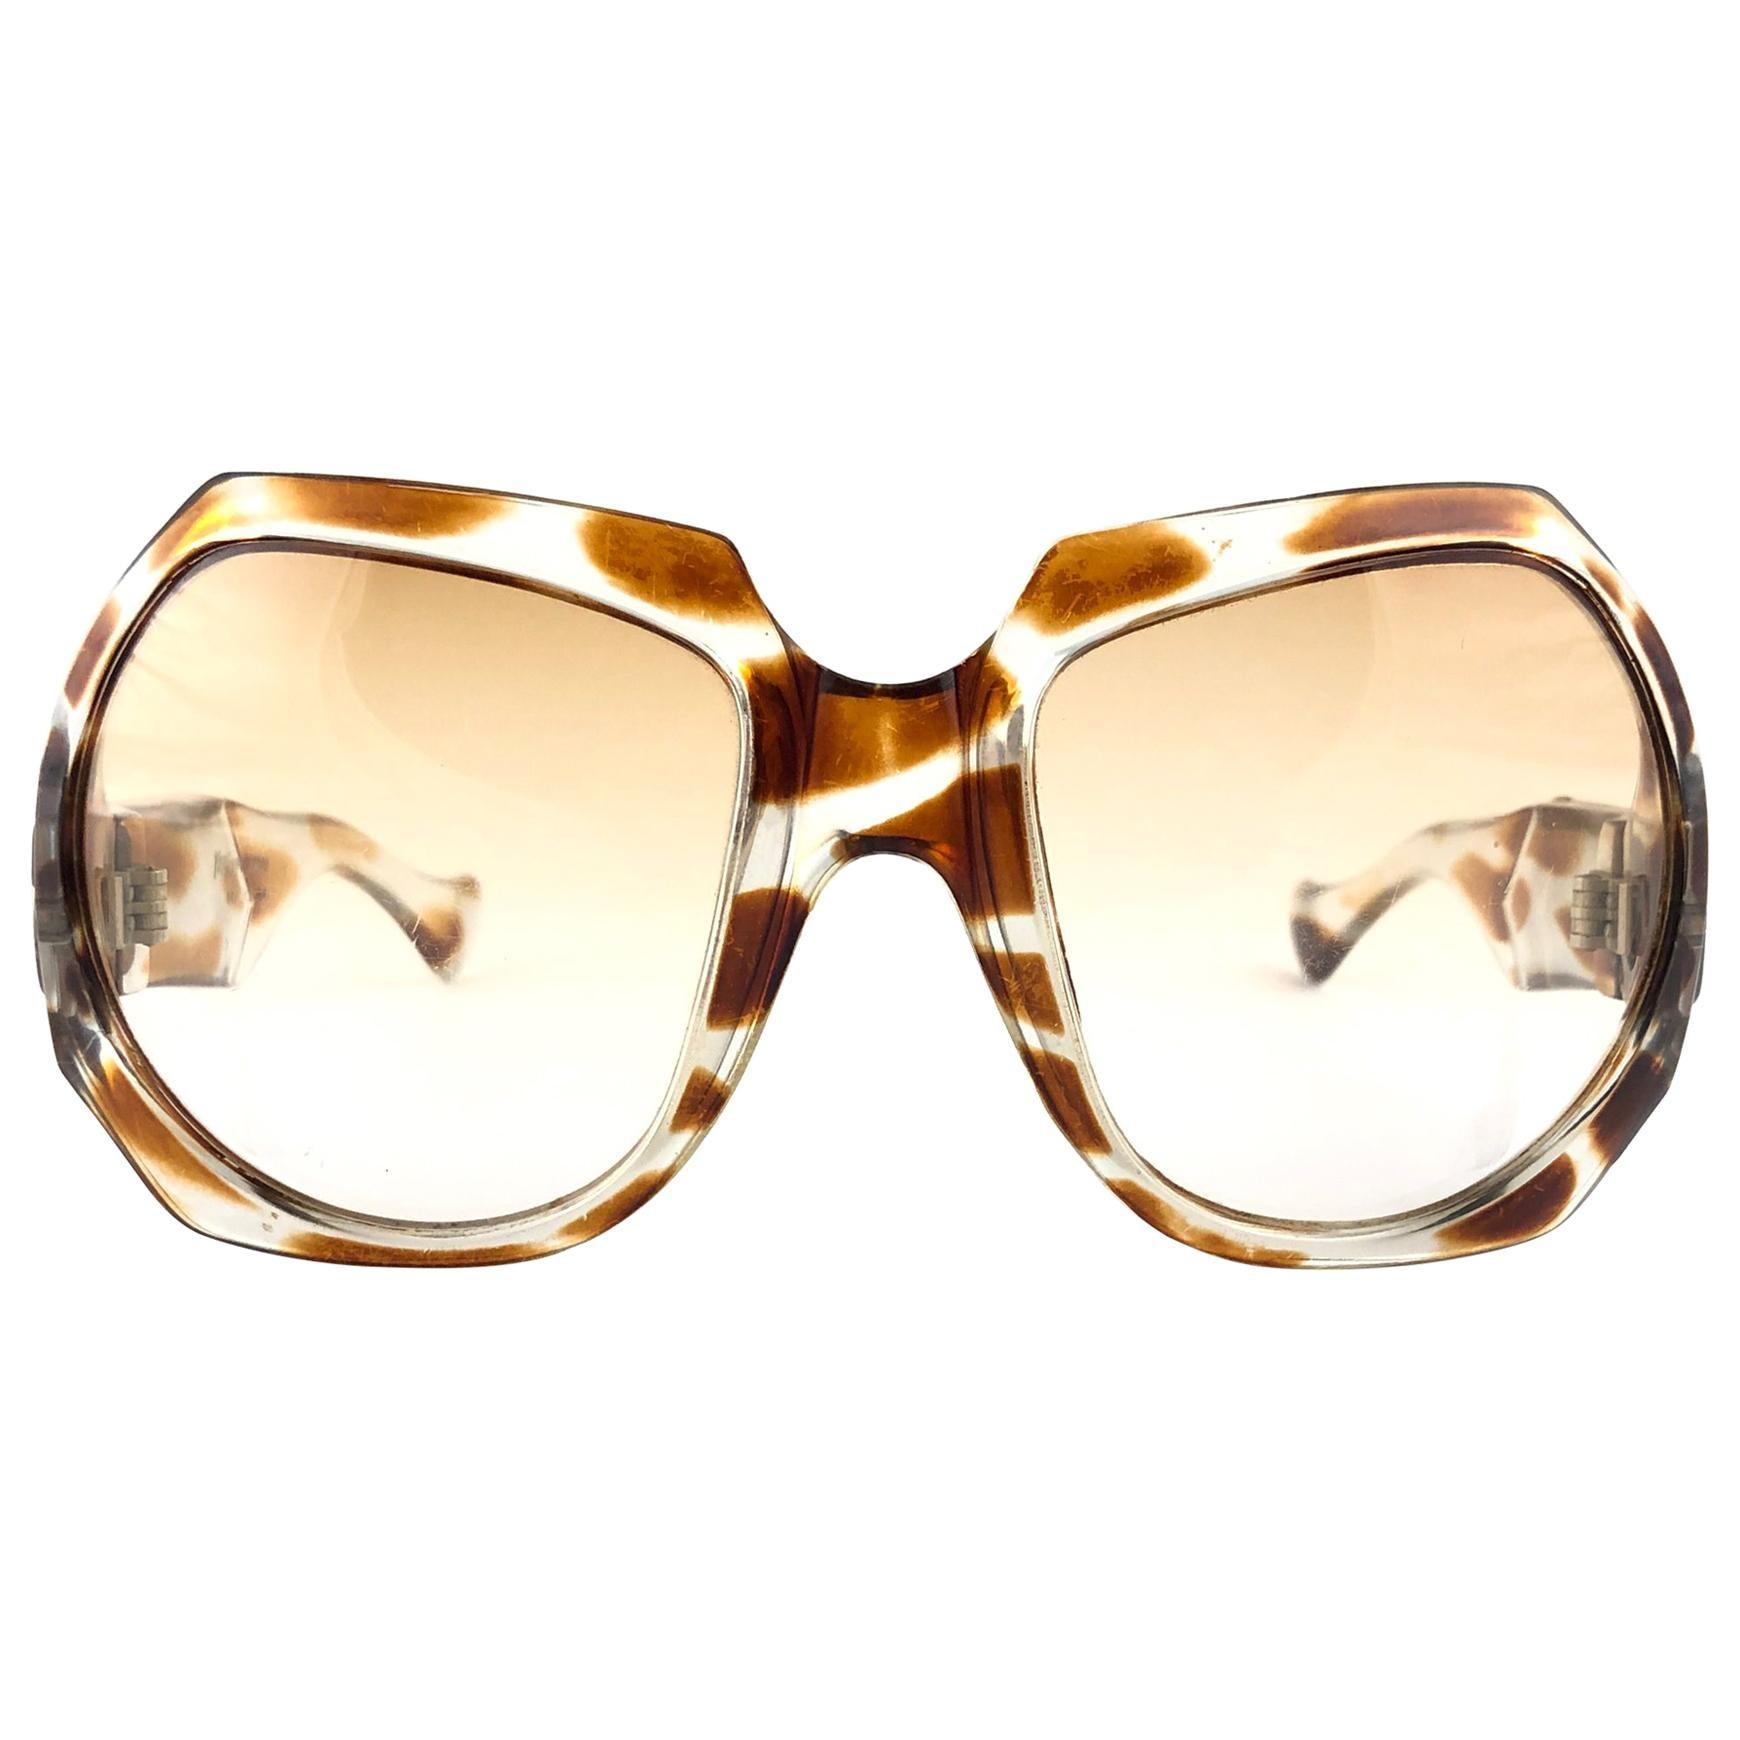 New Vintage Yves Saint Laurent YSL Giraffe 1980 France Sunglasses